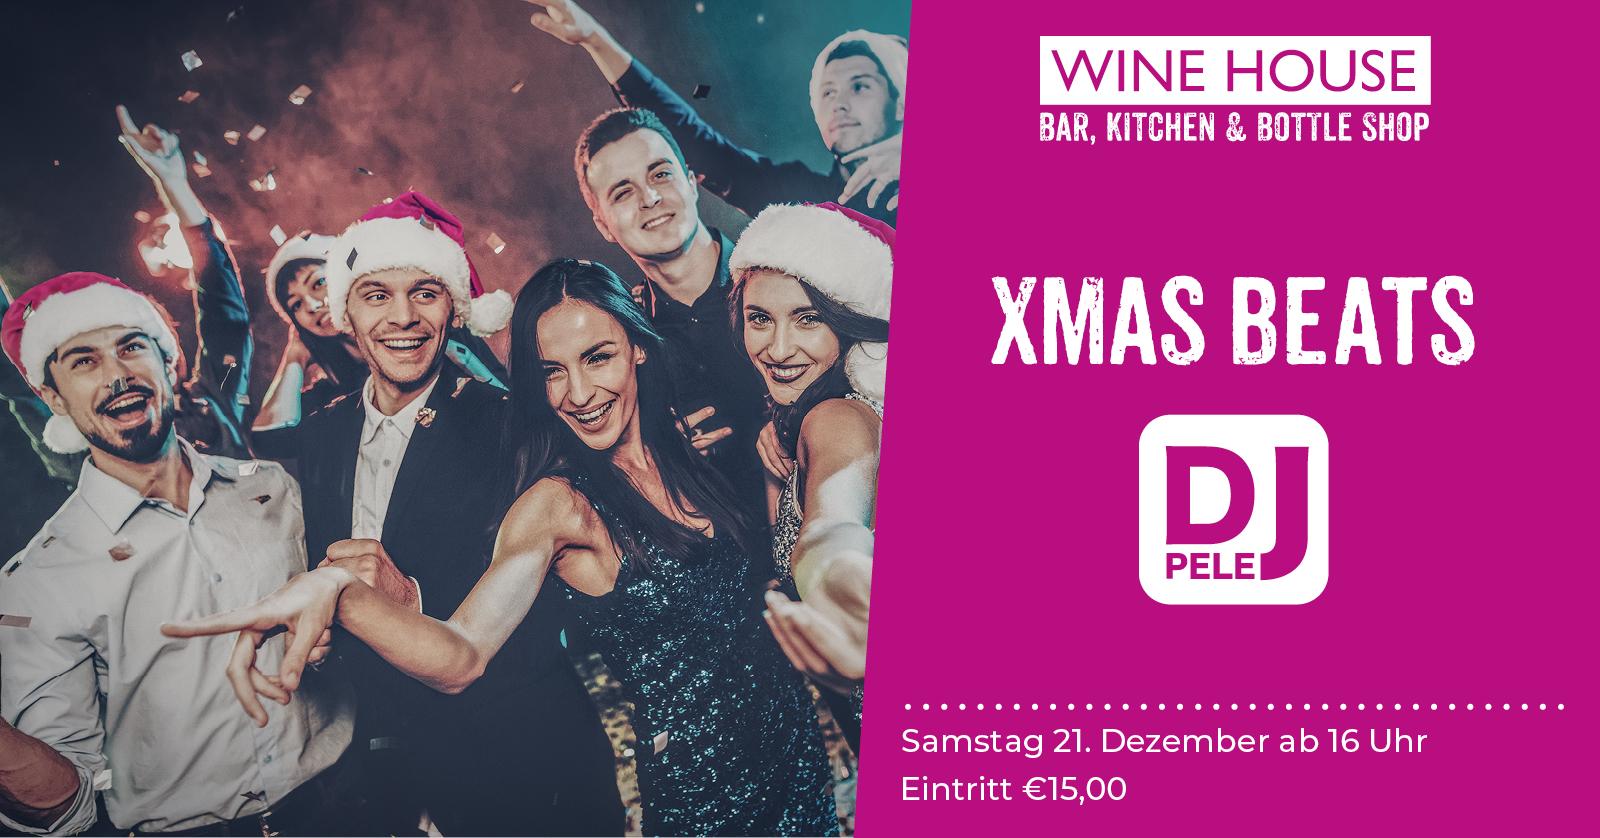 XMAS BEATS mit DJ Pele - Die Weihnachtsparty im WINE HOUSE